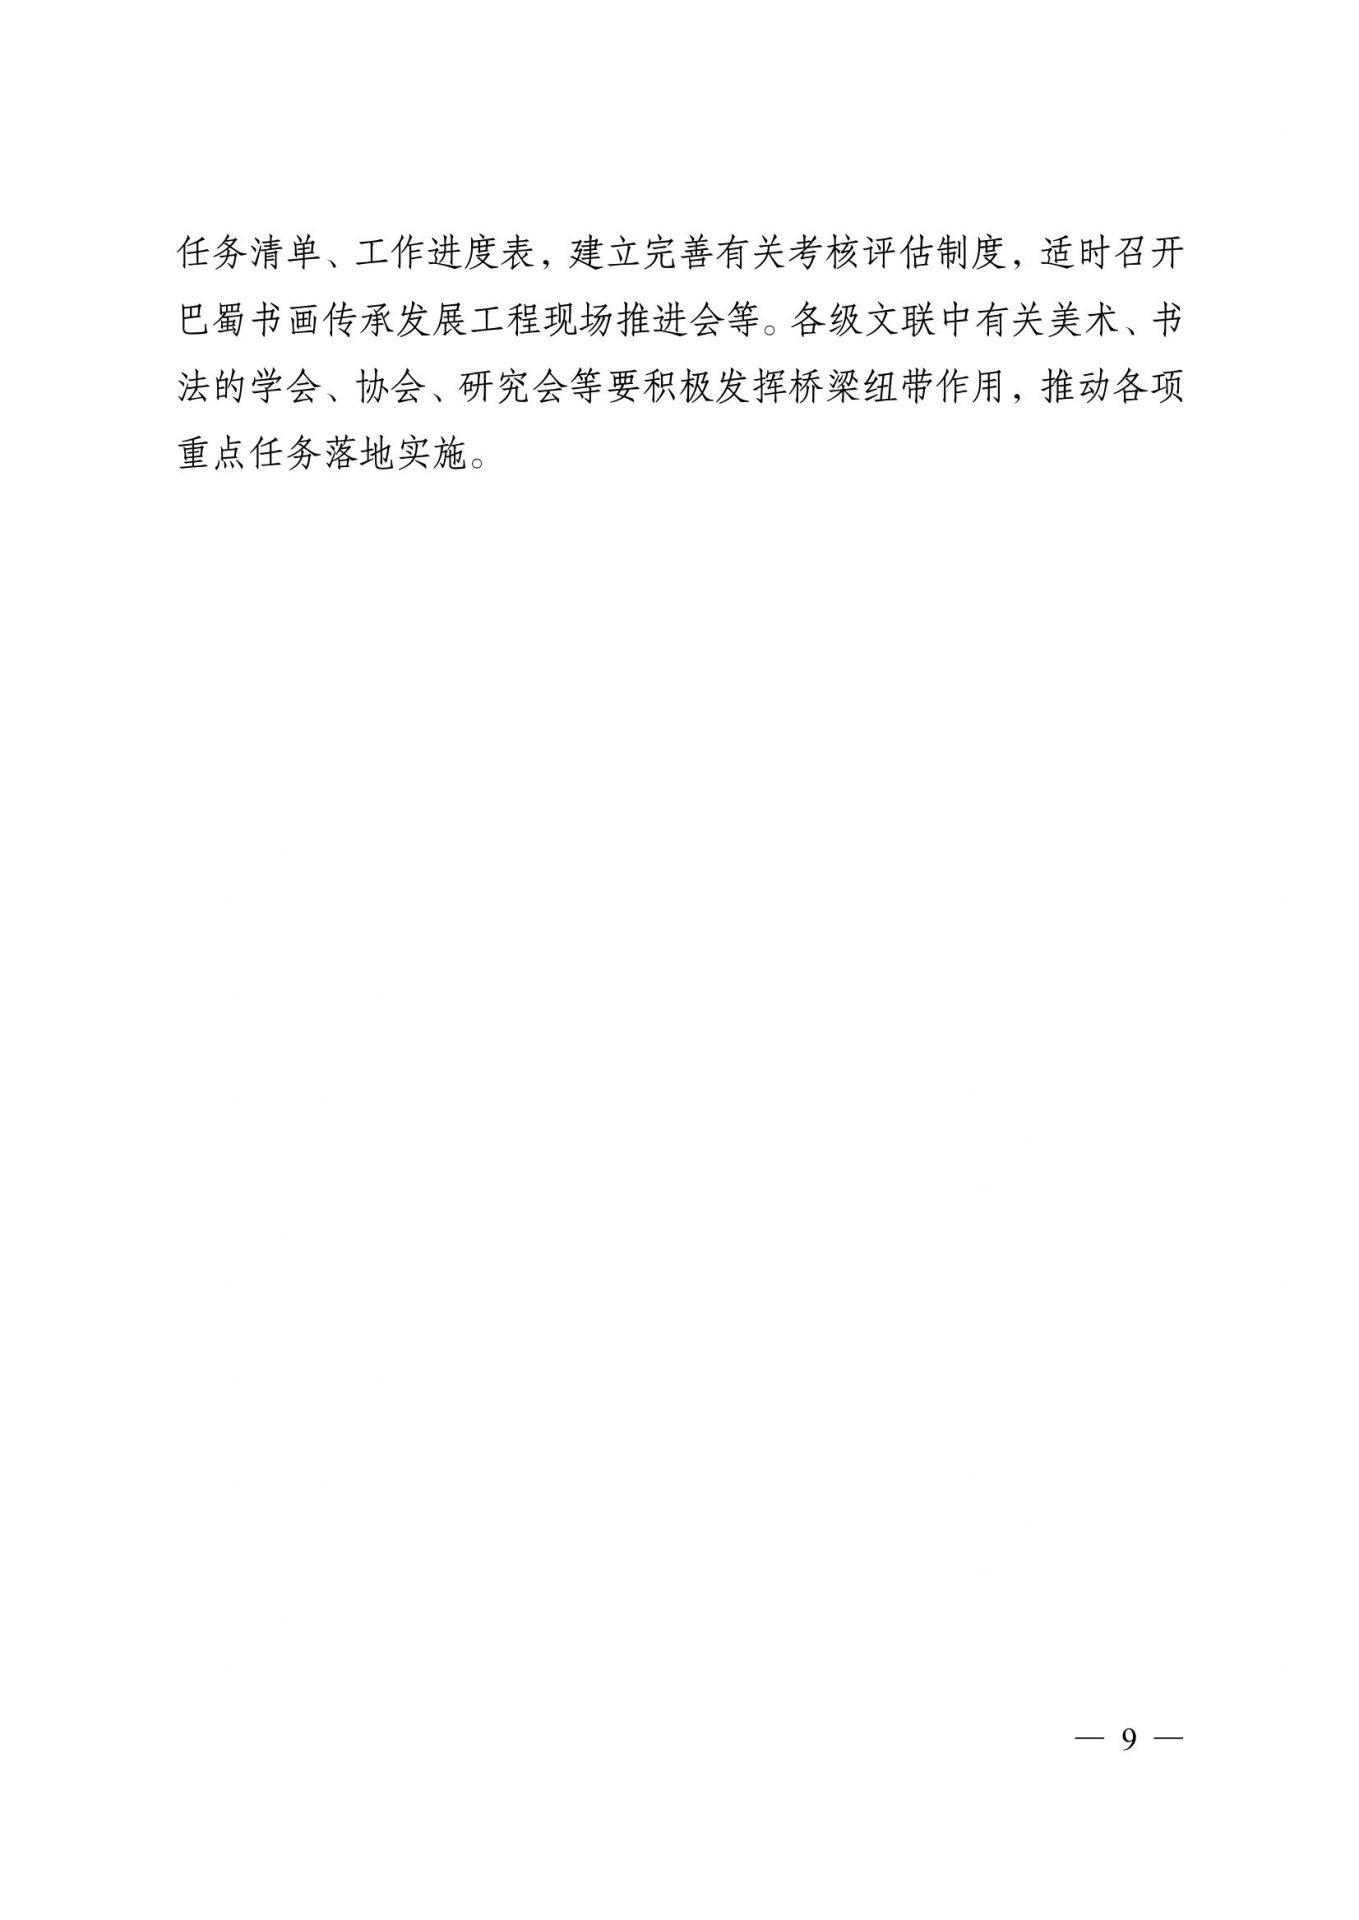 关于印发《成都市巴蜀书画传承发展工程 实施方案》的通知